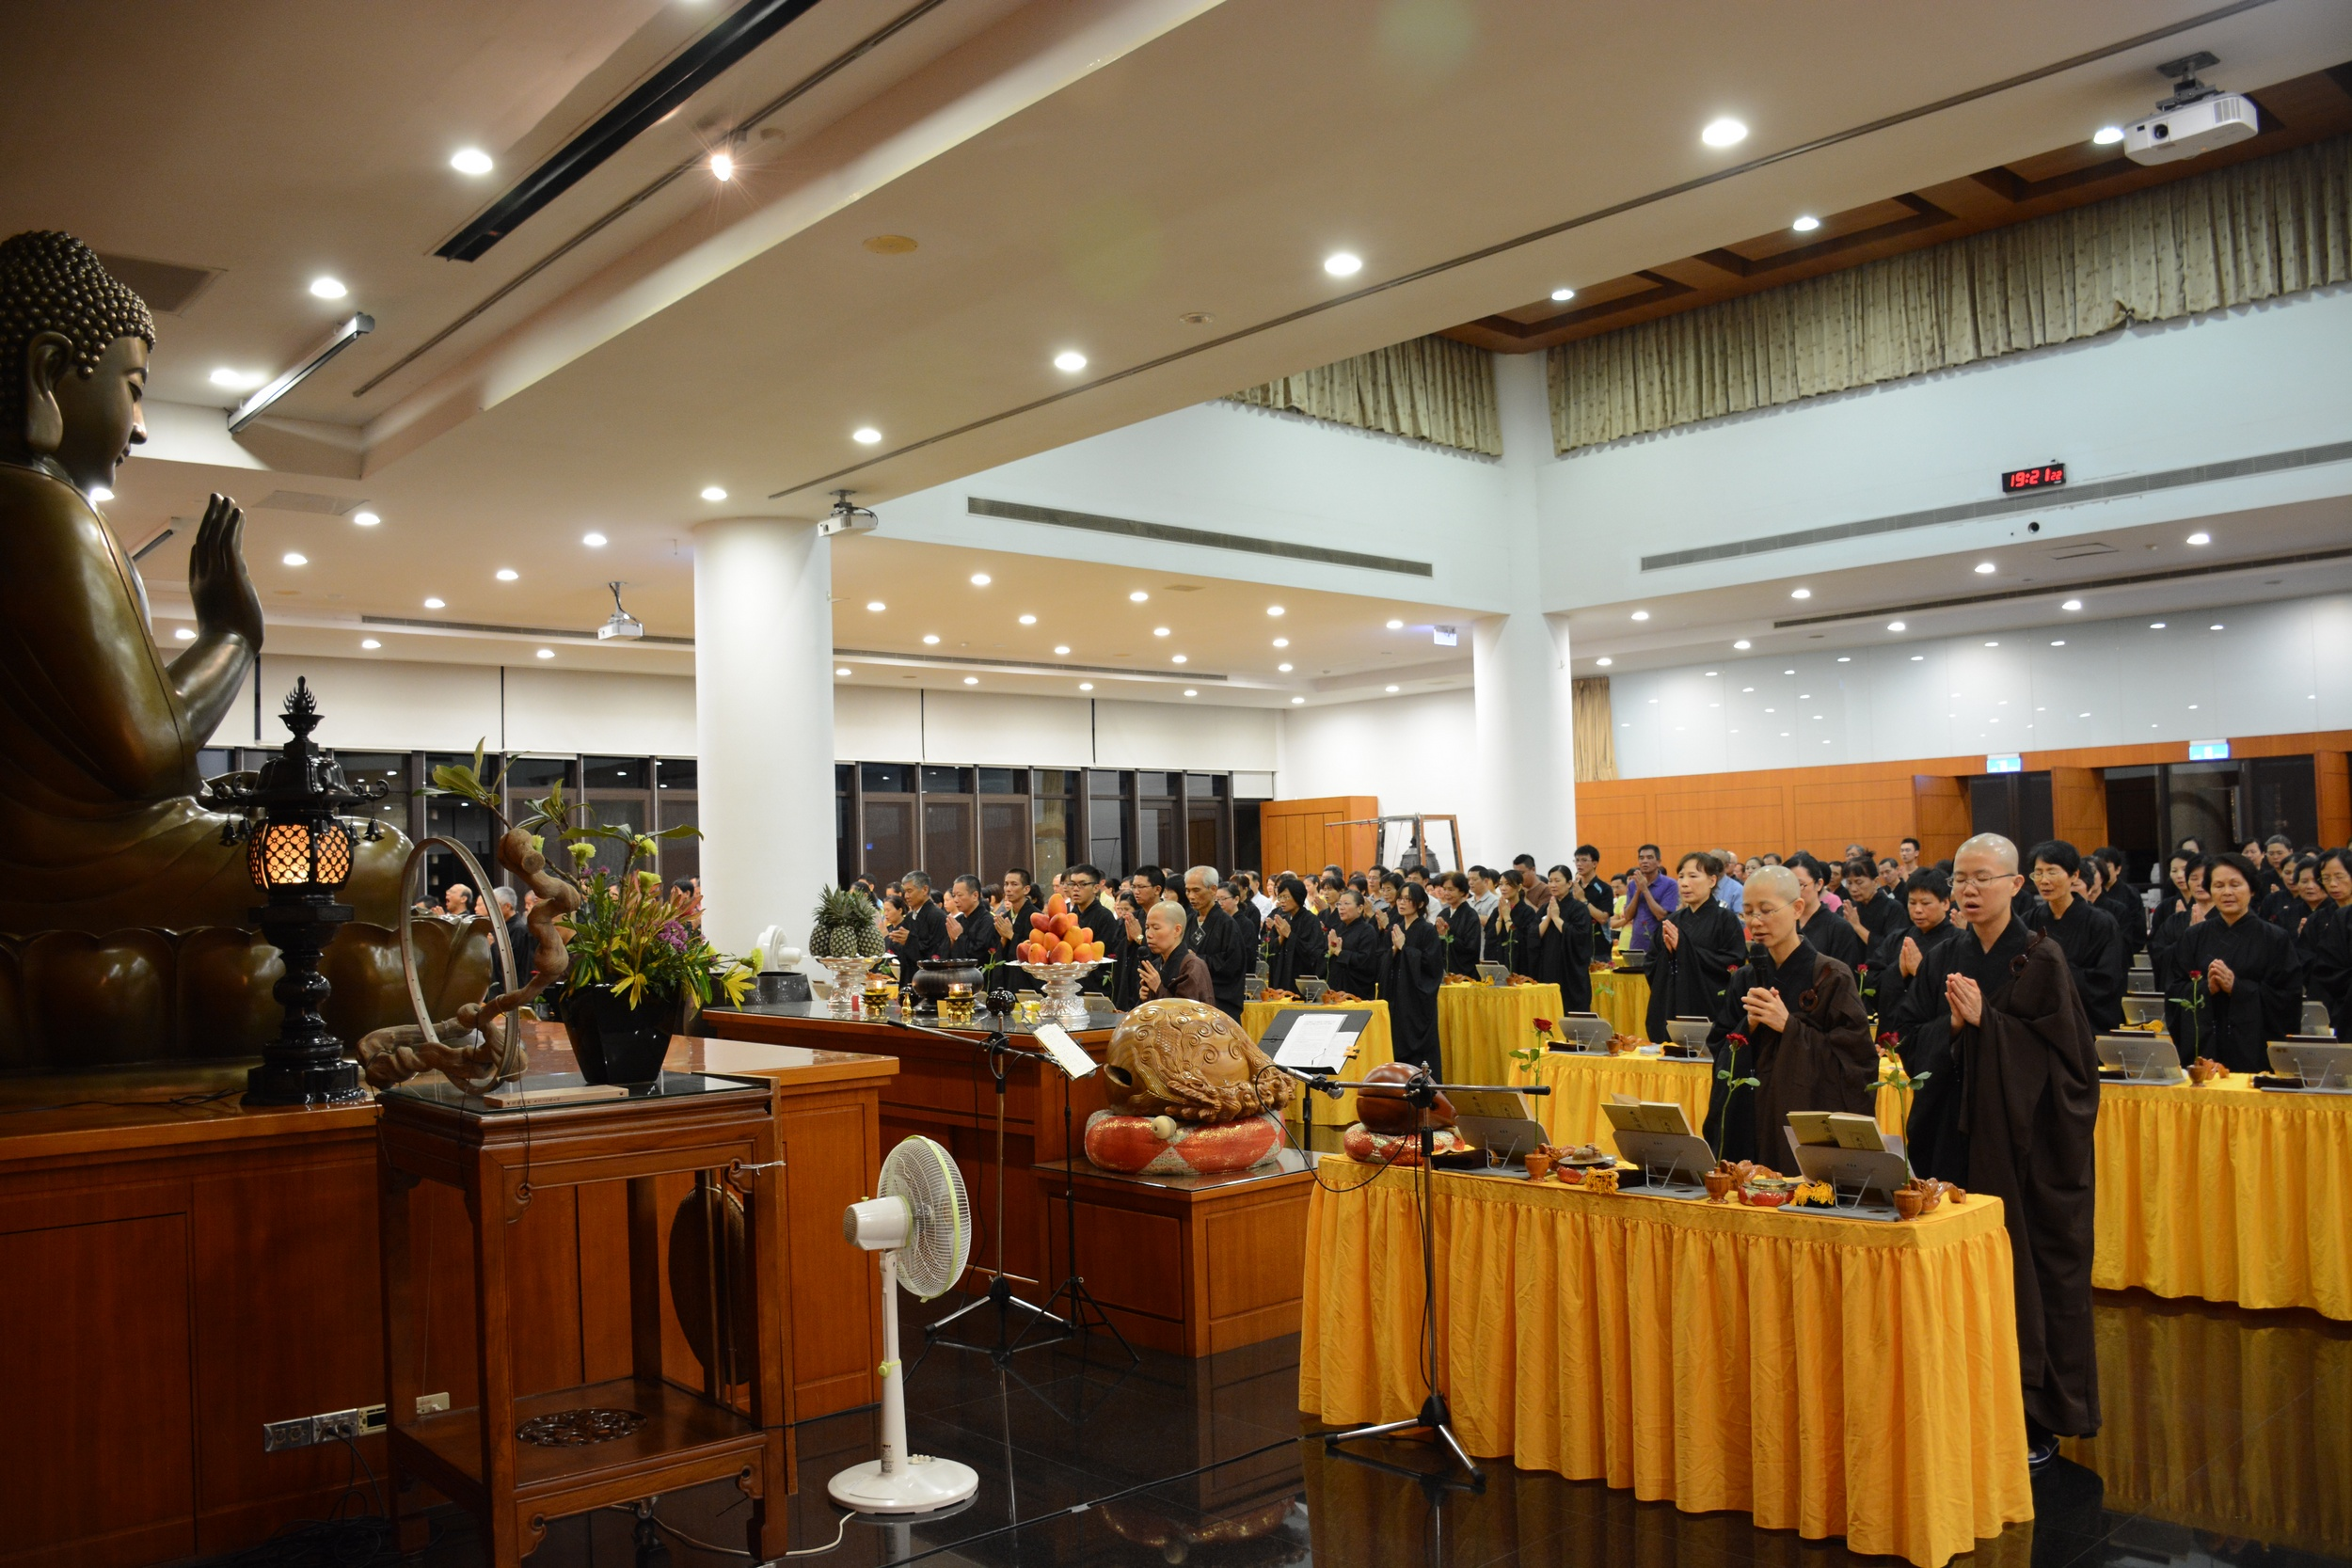 法鼓山紫雲寺25日晚間辦大悲懺法會有300多人參加祈福